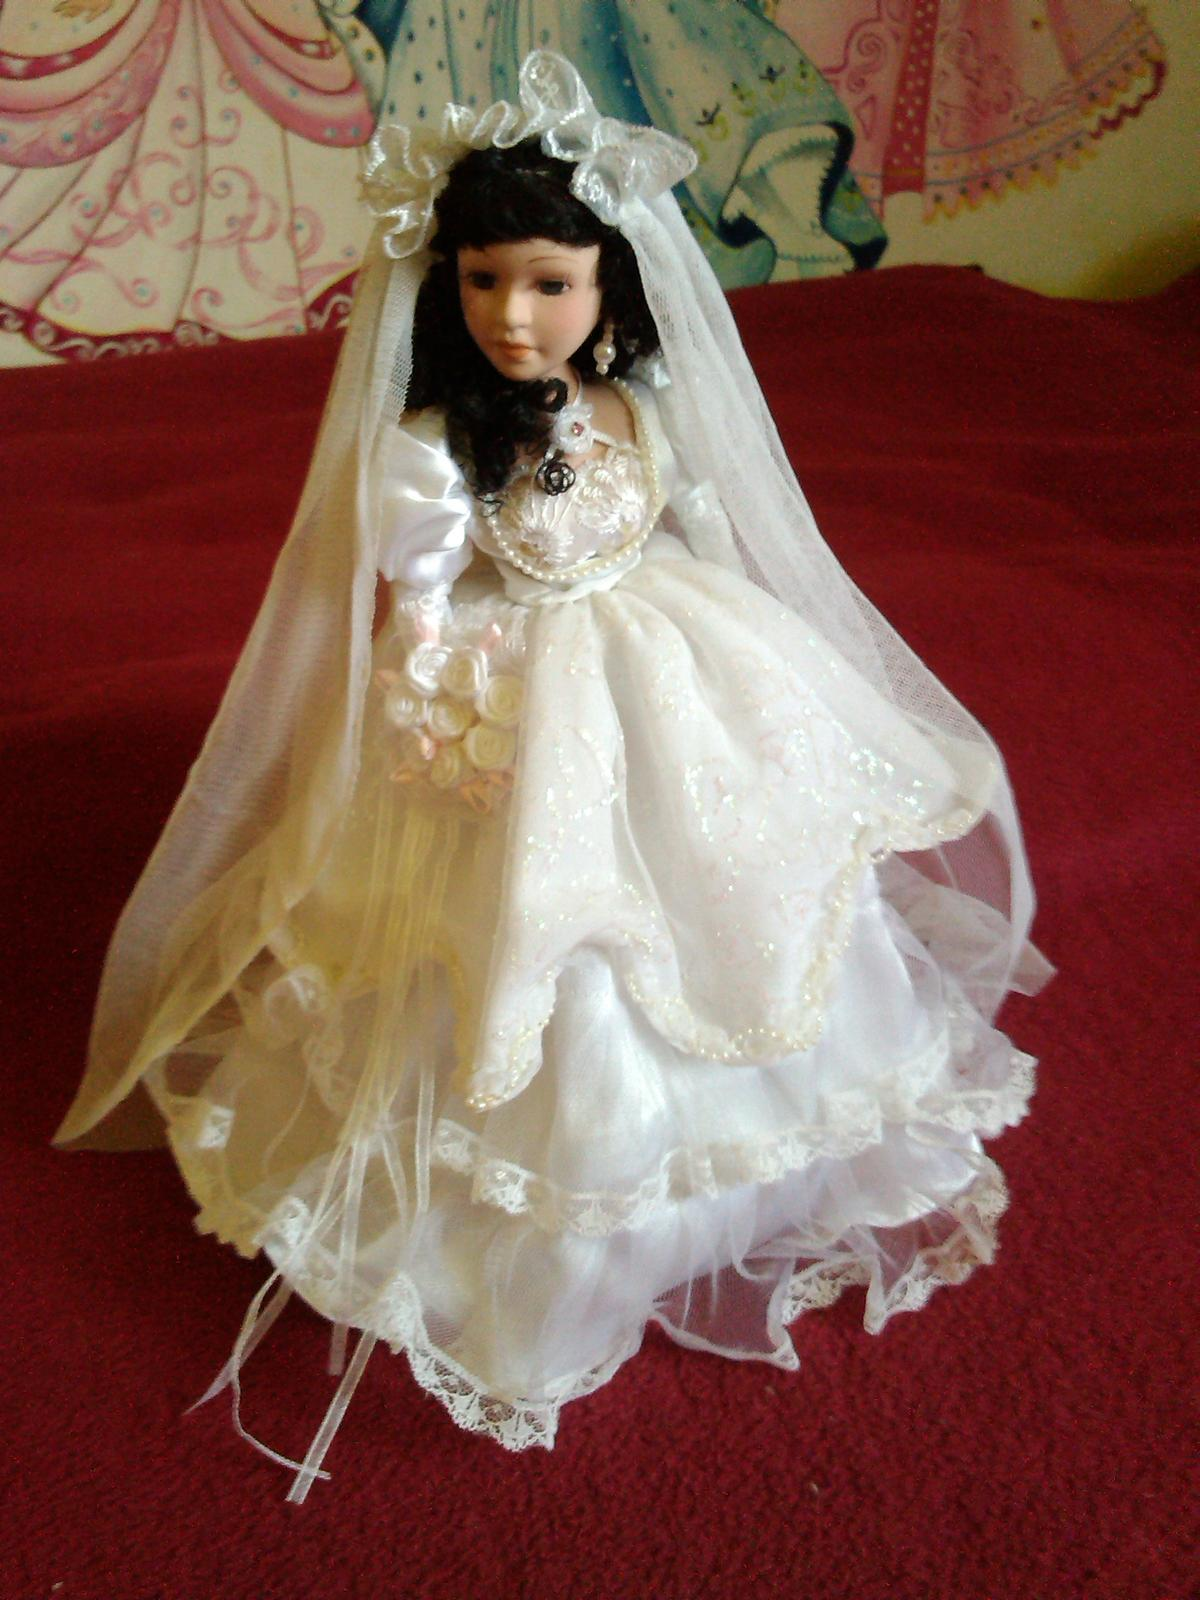 Realizácia mojich detských snov :D - dekoračná bábika z mojej zbierky porcelánových bábik....snáď sa niekde využije :D